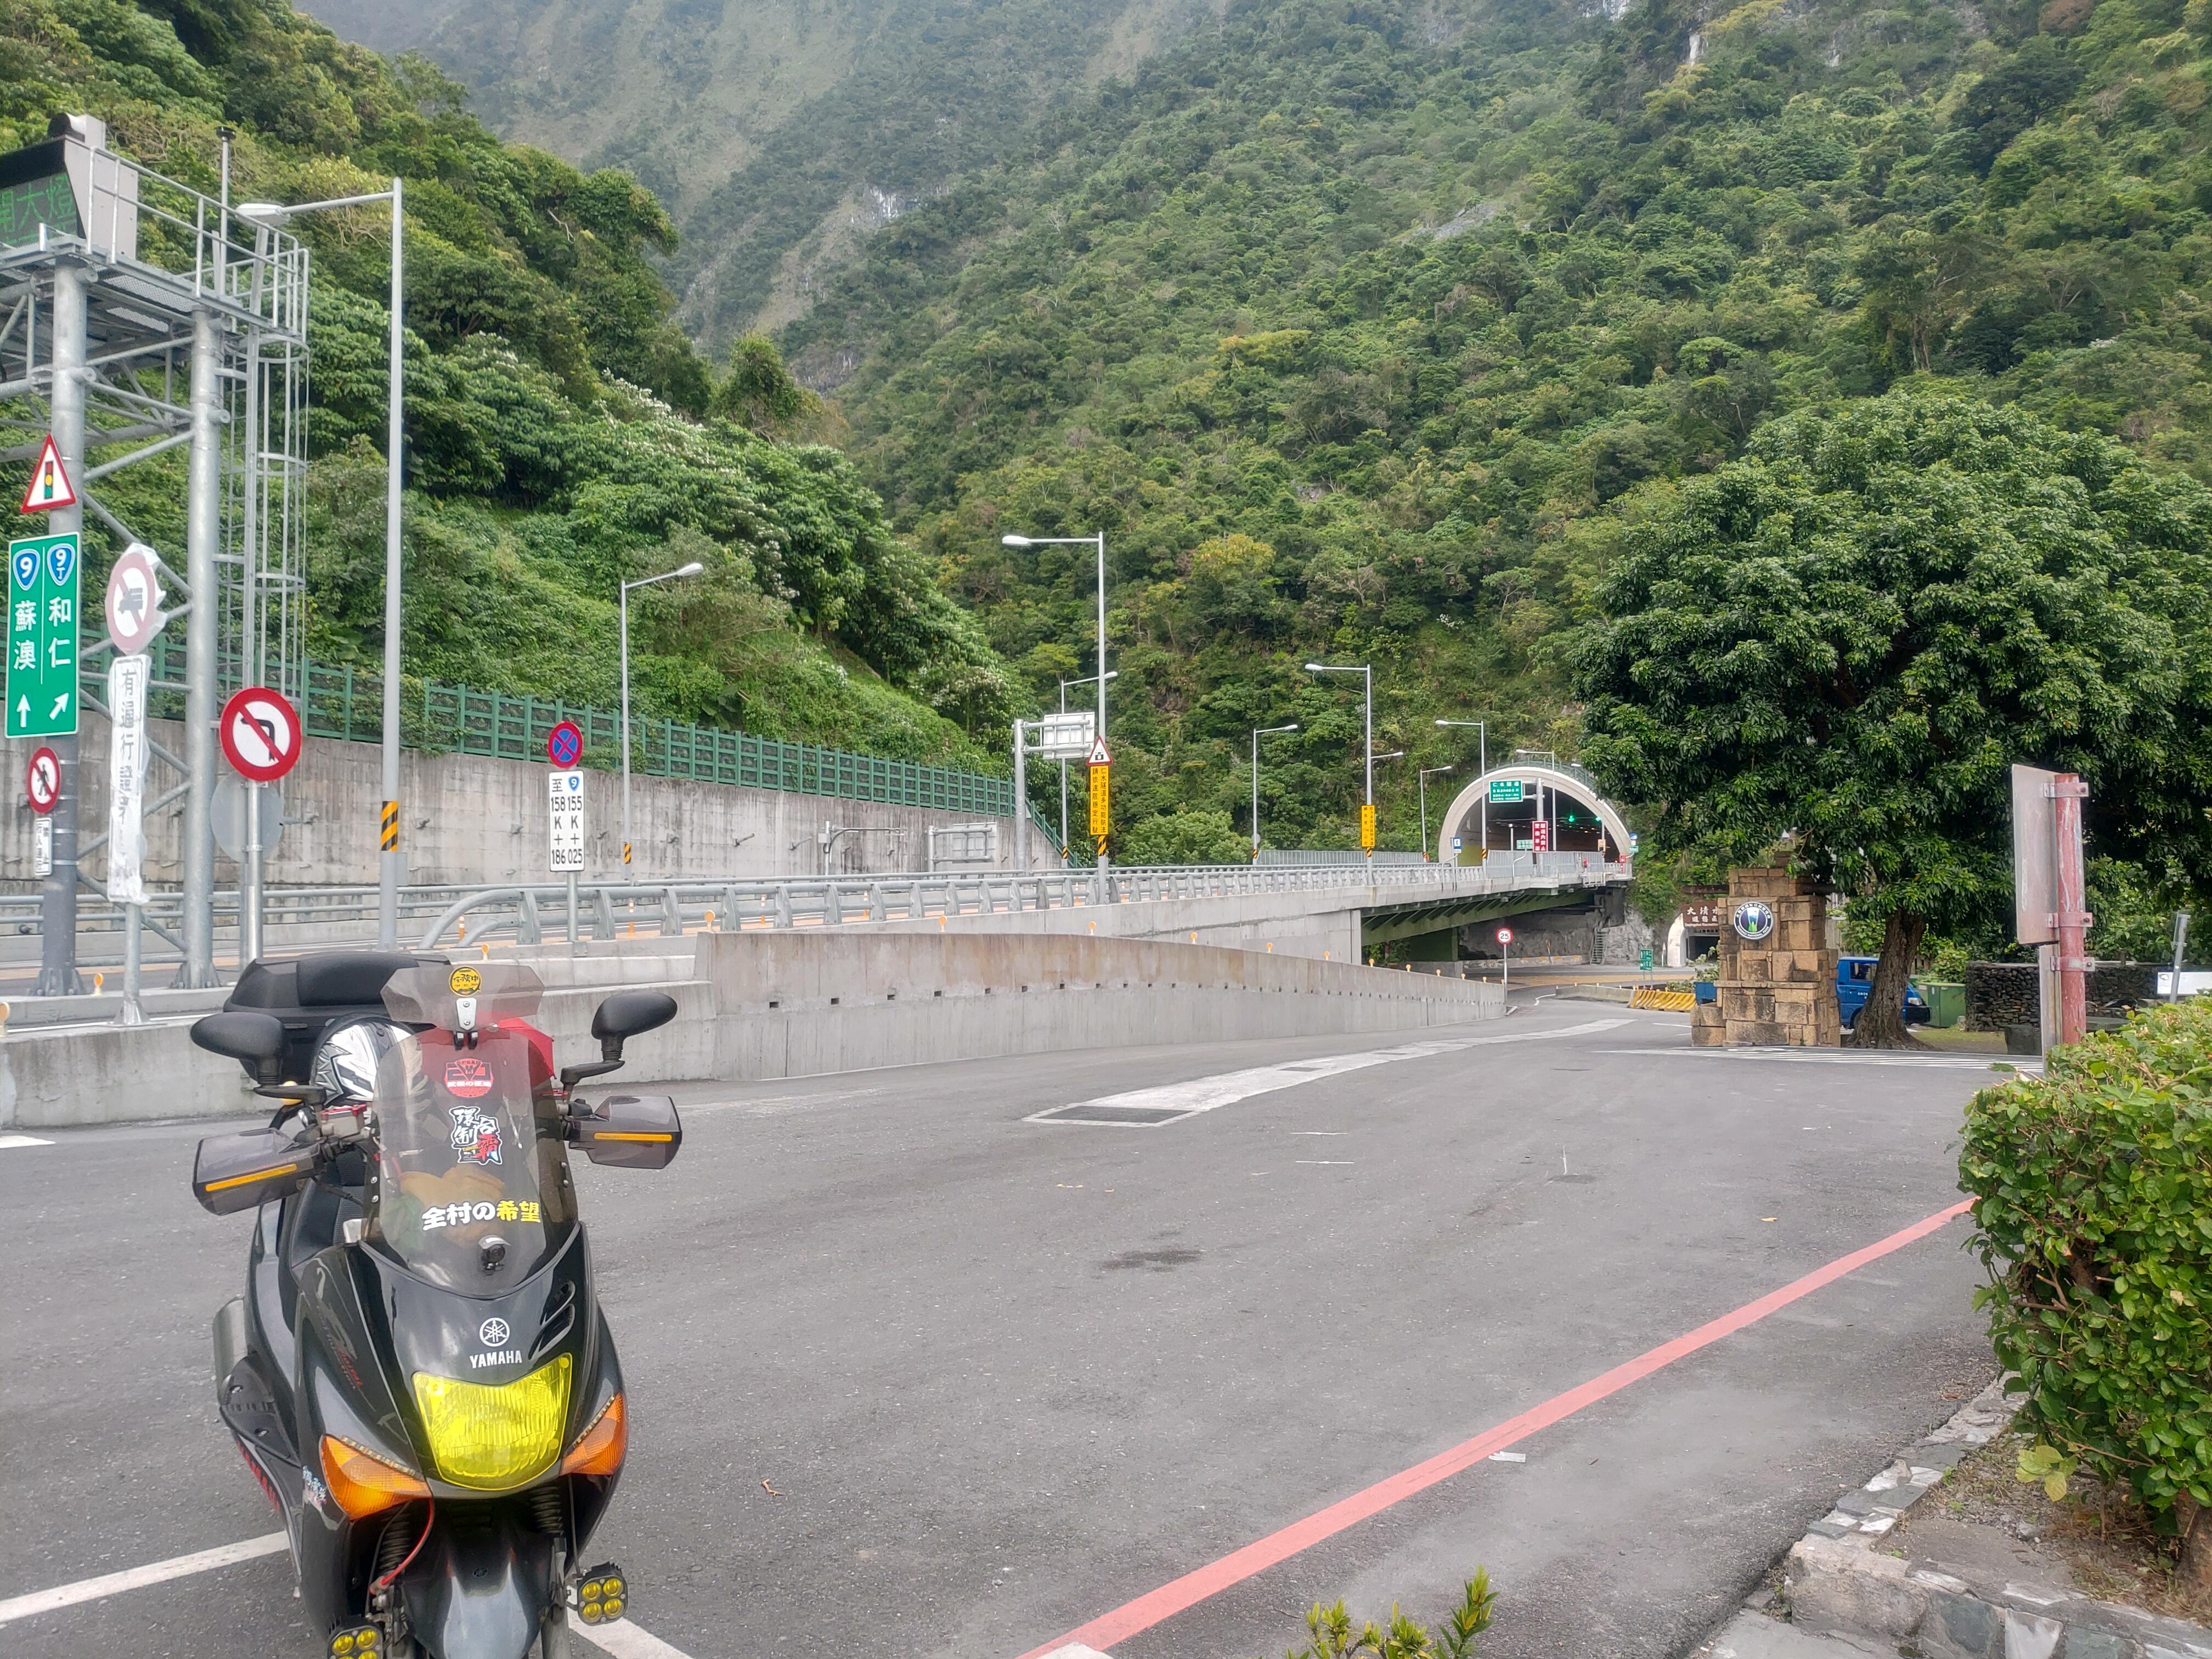 5th 走!去騎摩托車吧!六天五夜山海奇行環島之旅6499